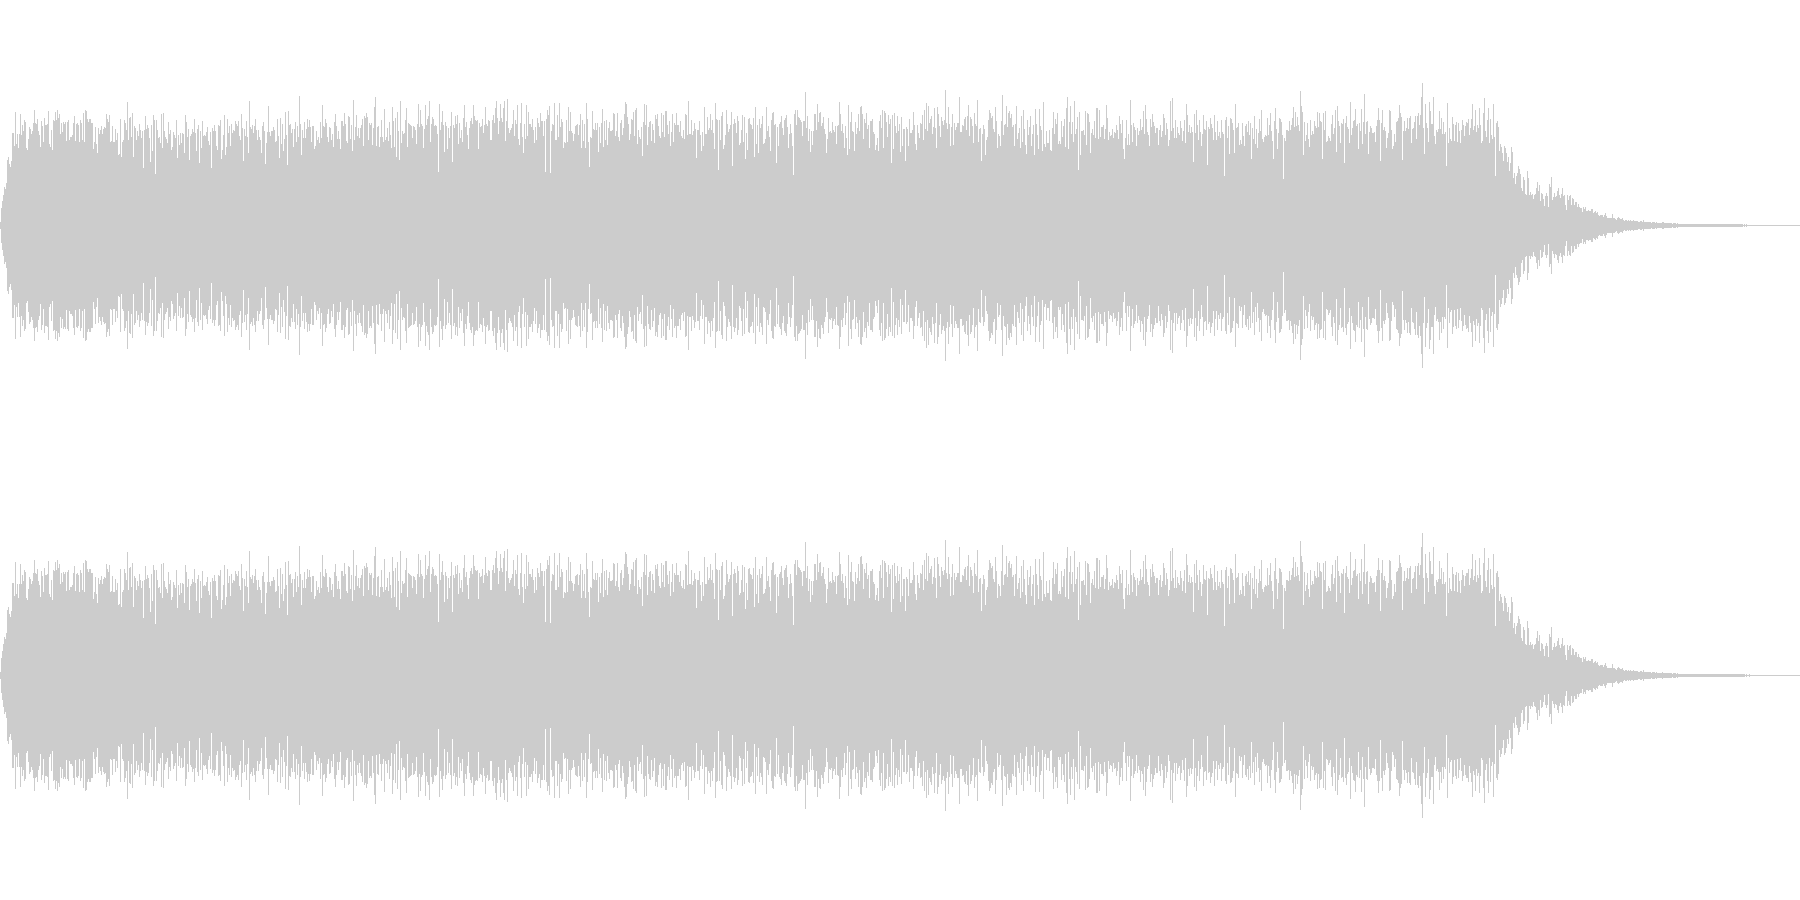 ビーム発射音「ビーッ!」の未再生の波形